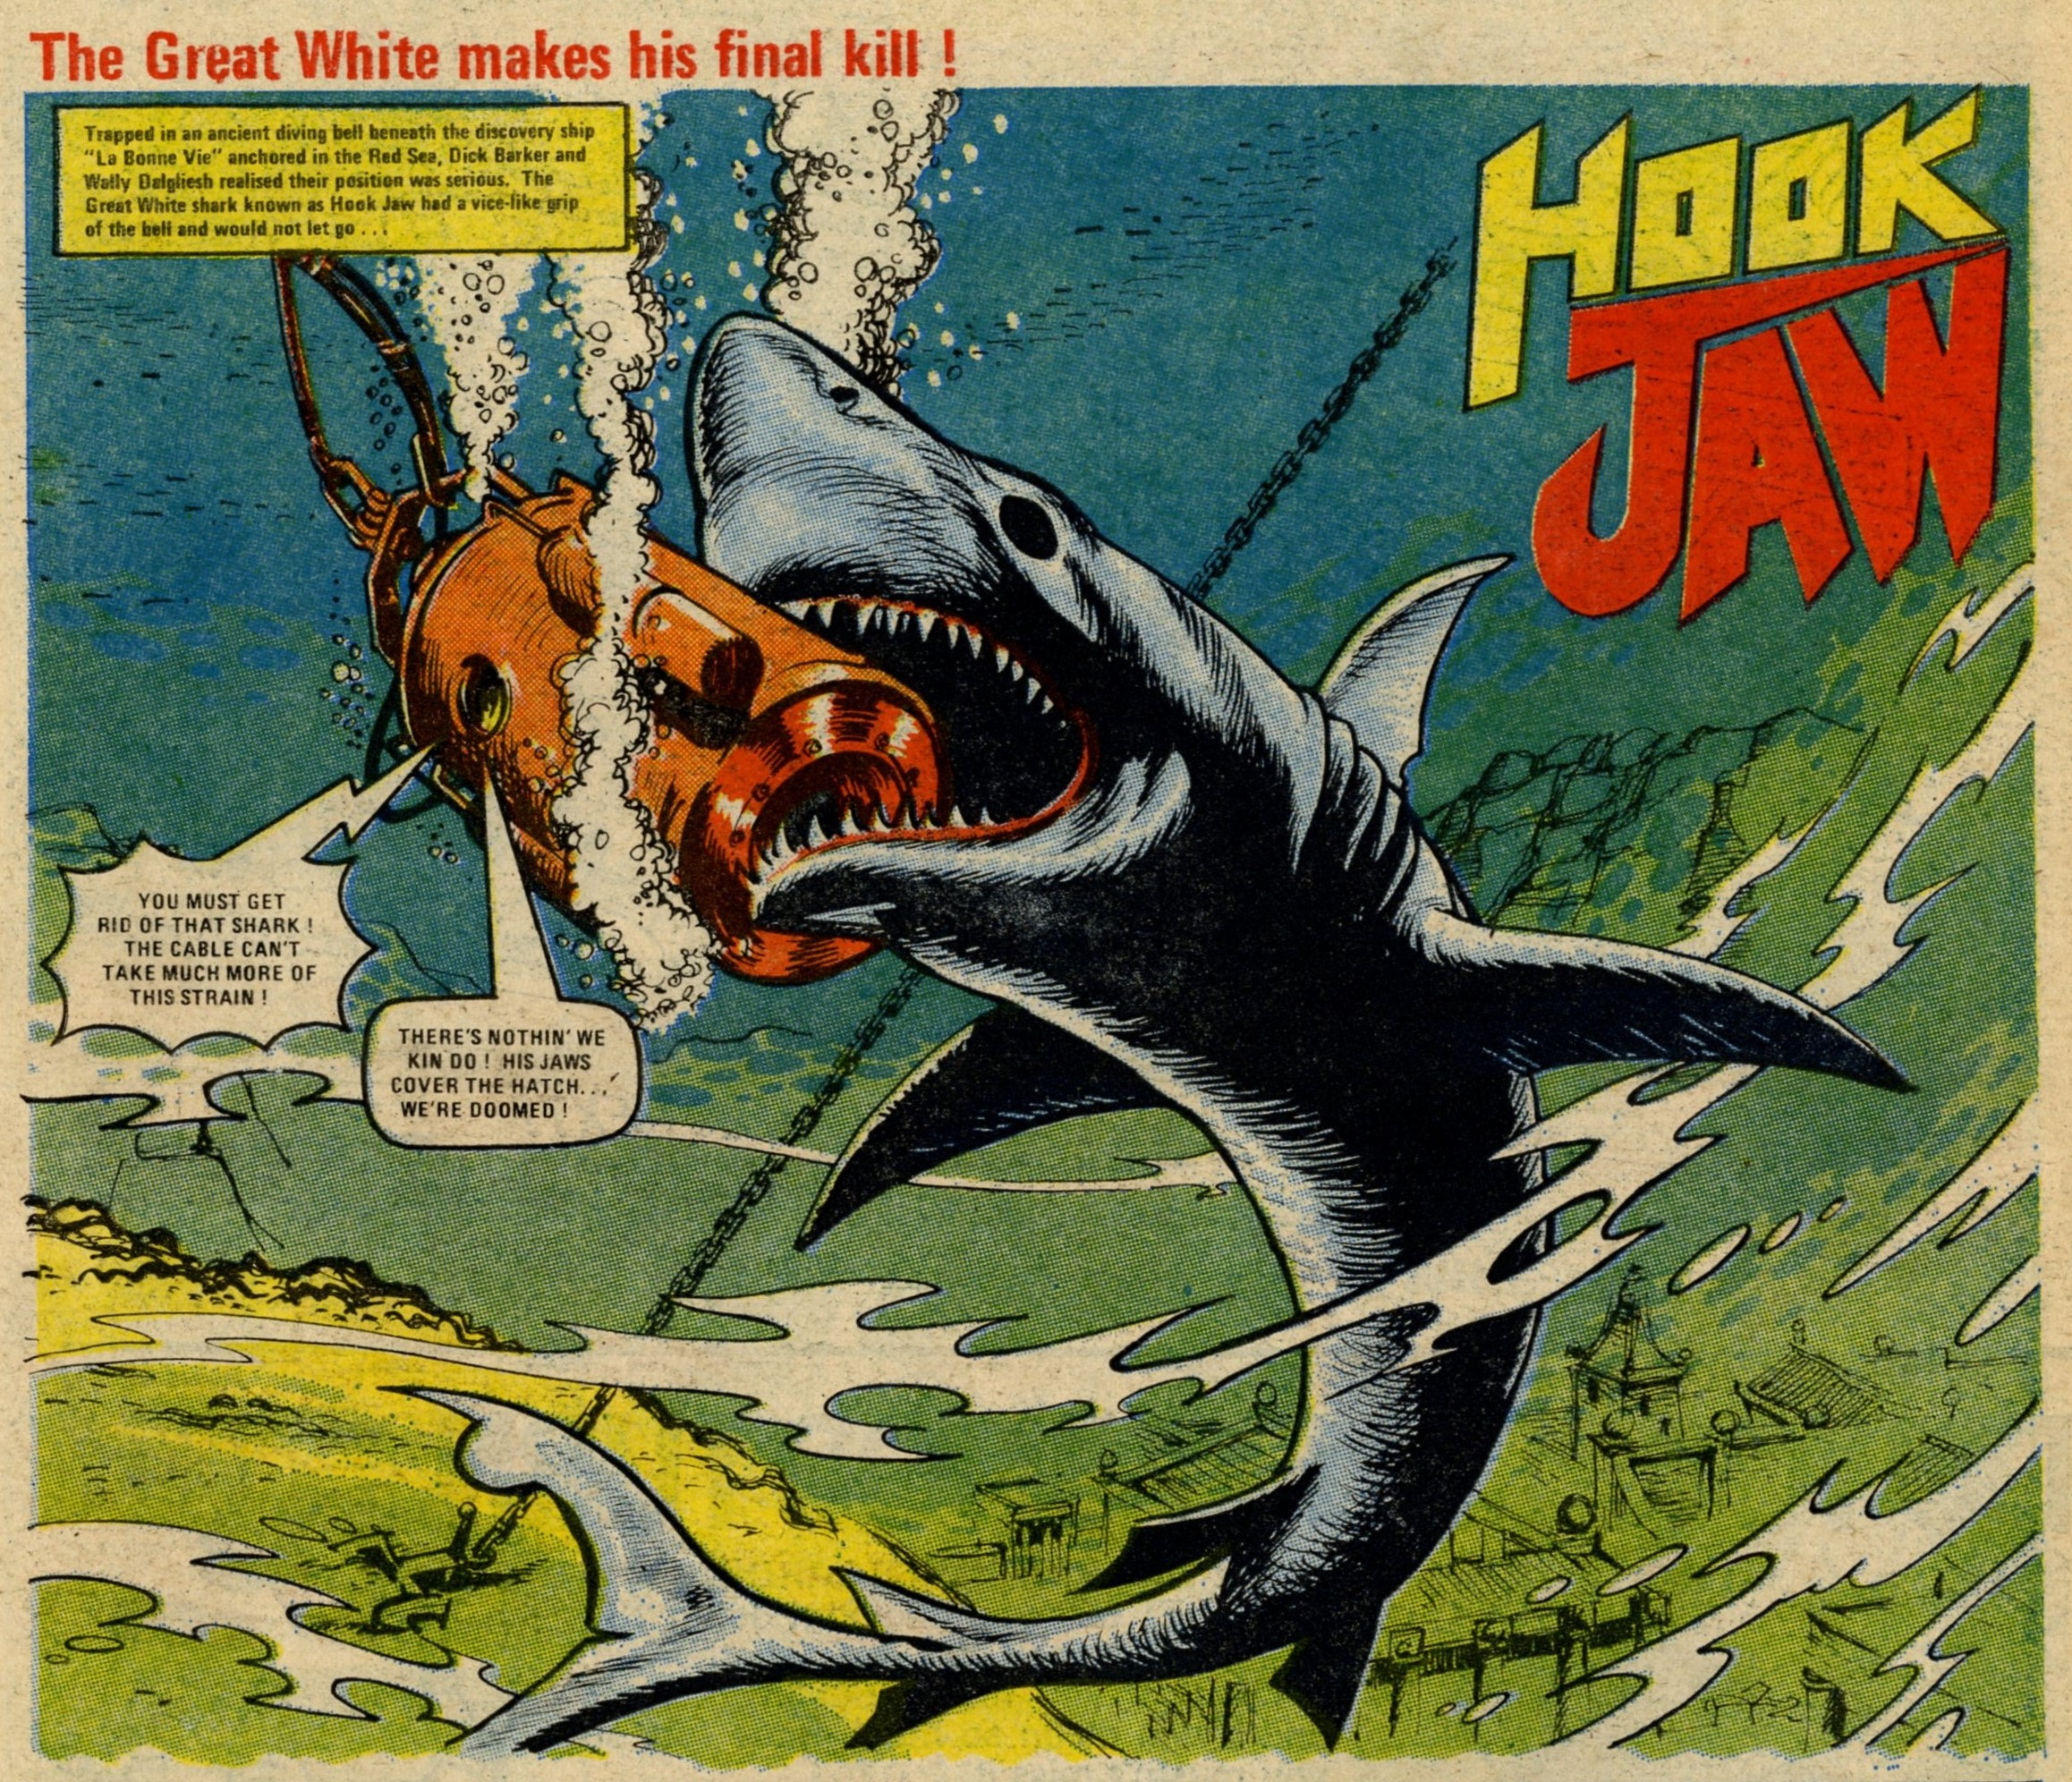 Hook Jaw: John Stokes (artist)